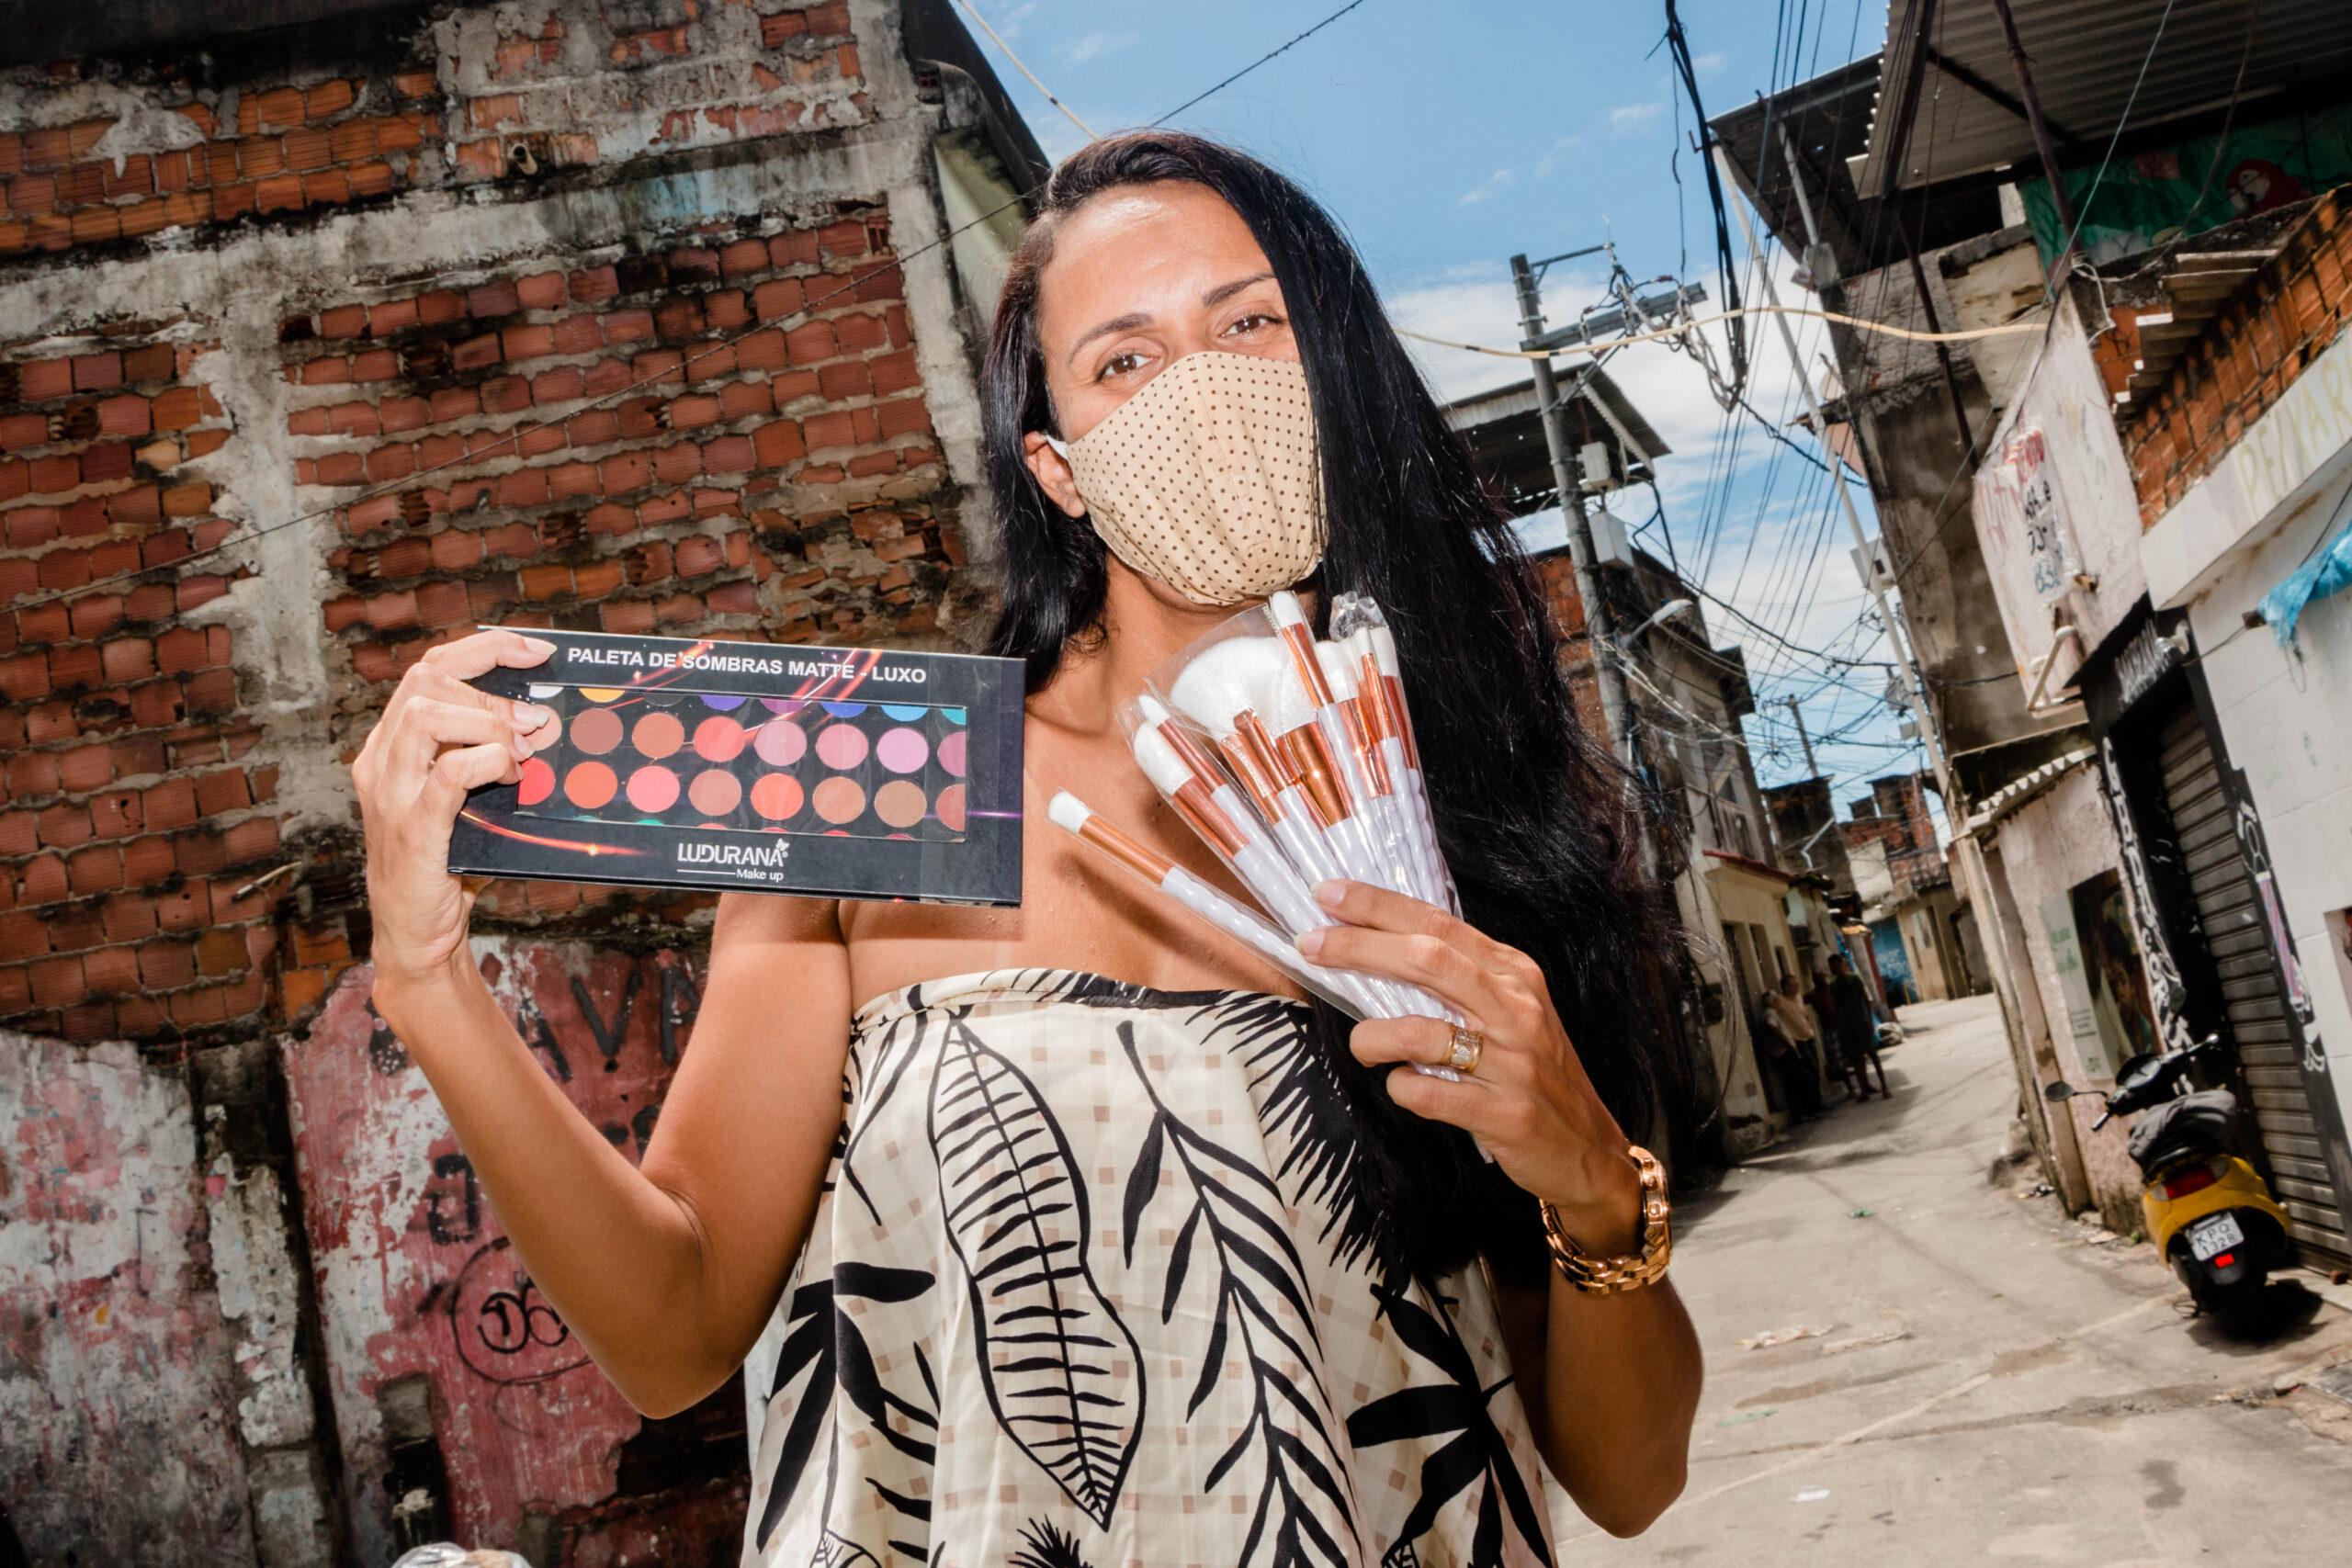 Make in Favela: a marca que vende maquiagens, investe em emoções e responsabilidade social